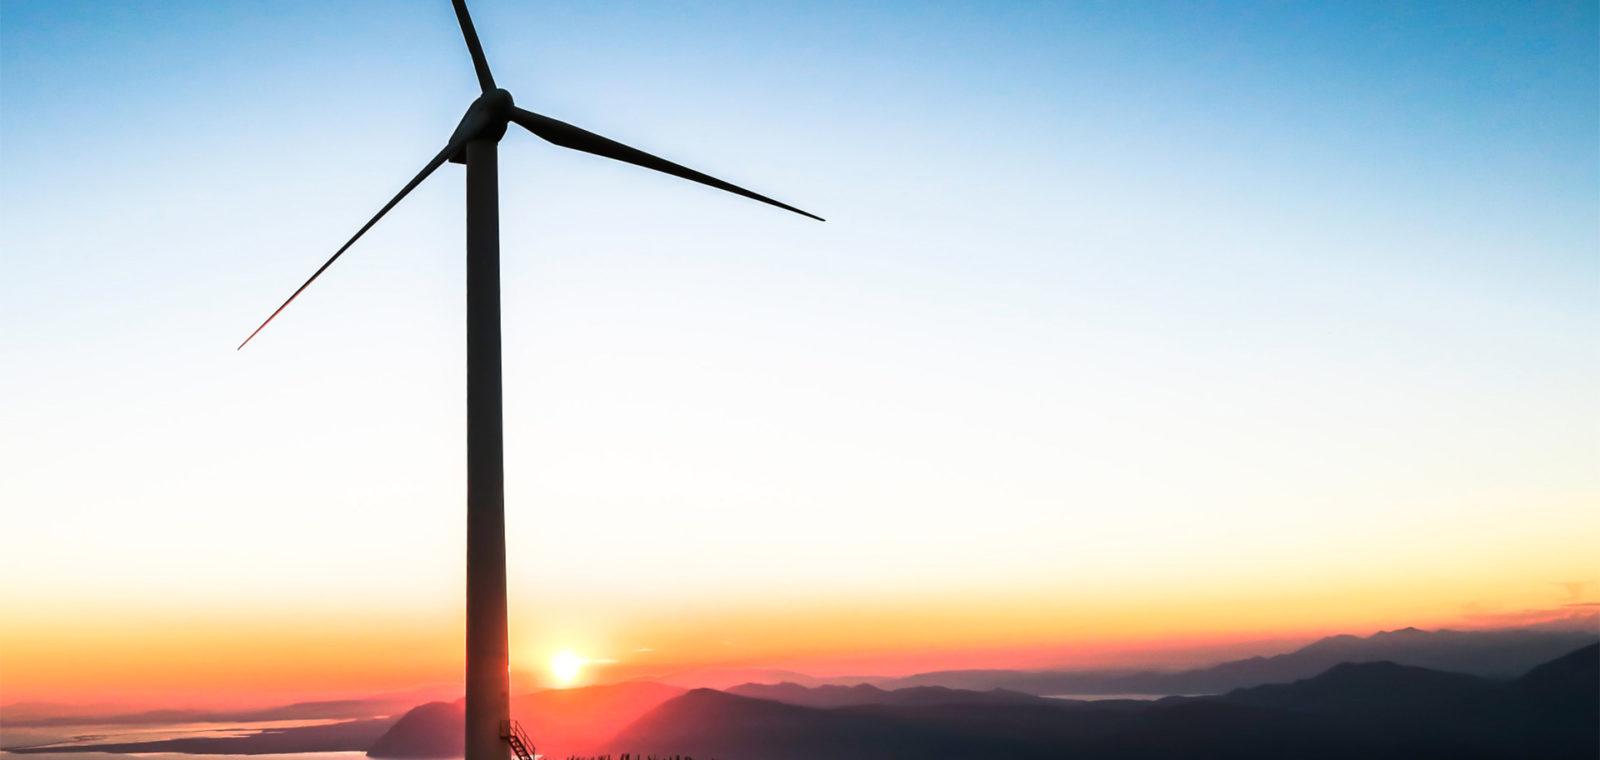 Enalp, votre fournisseur d'électricité local